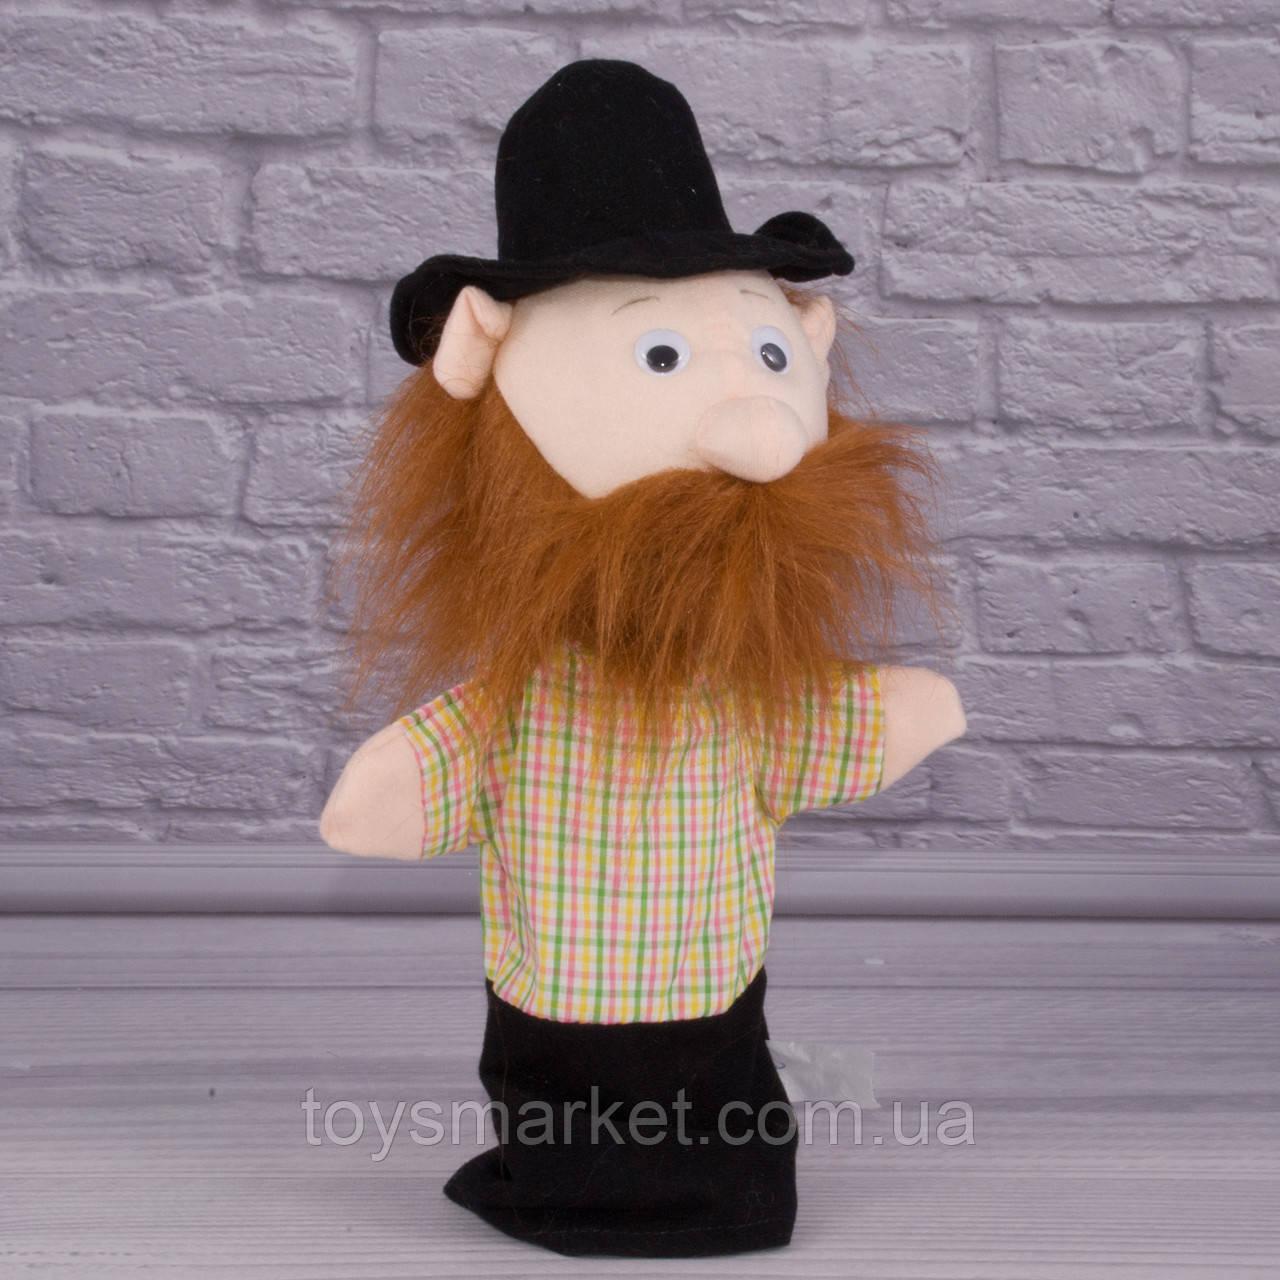 Игрушка рукавичка для кукольного театра Разбойник, 35 см.